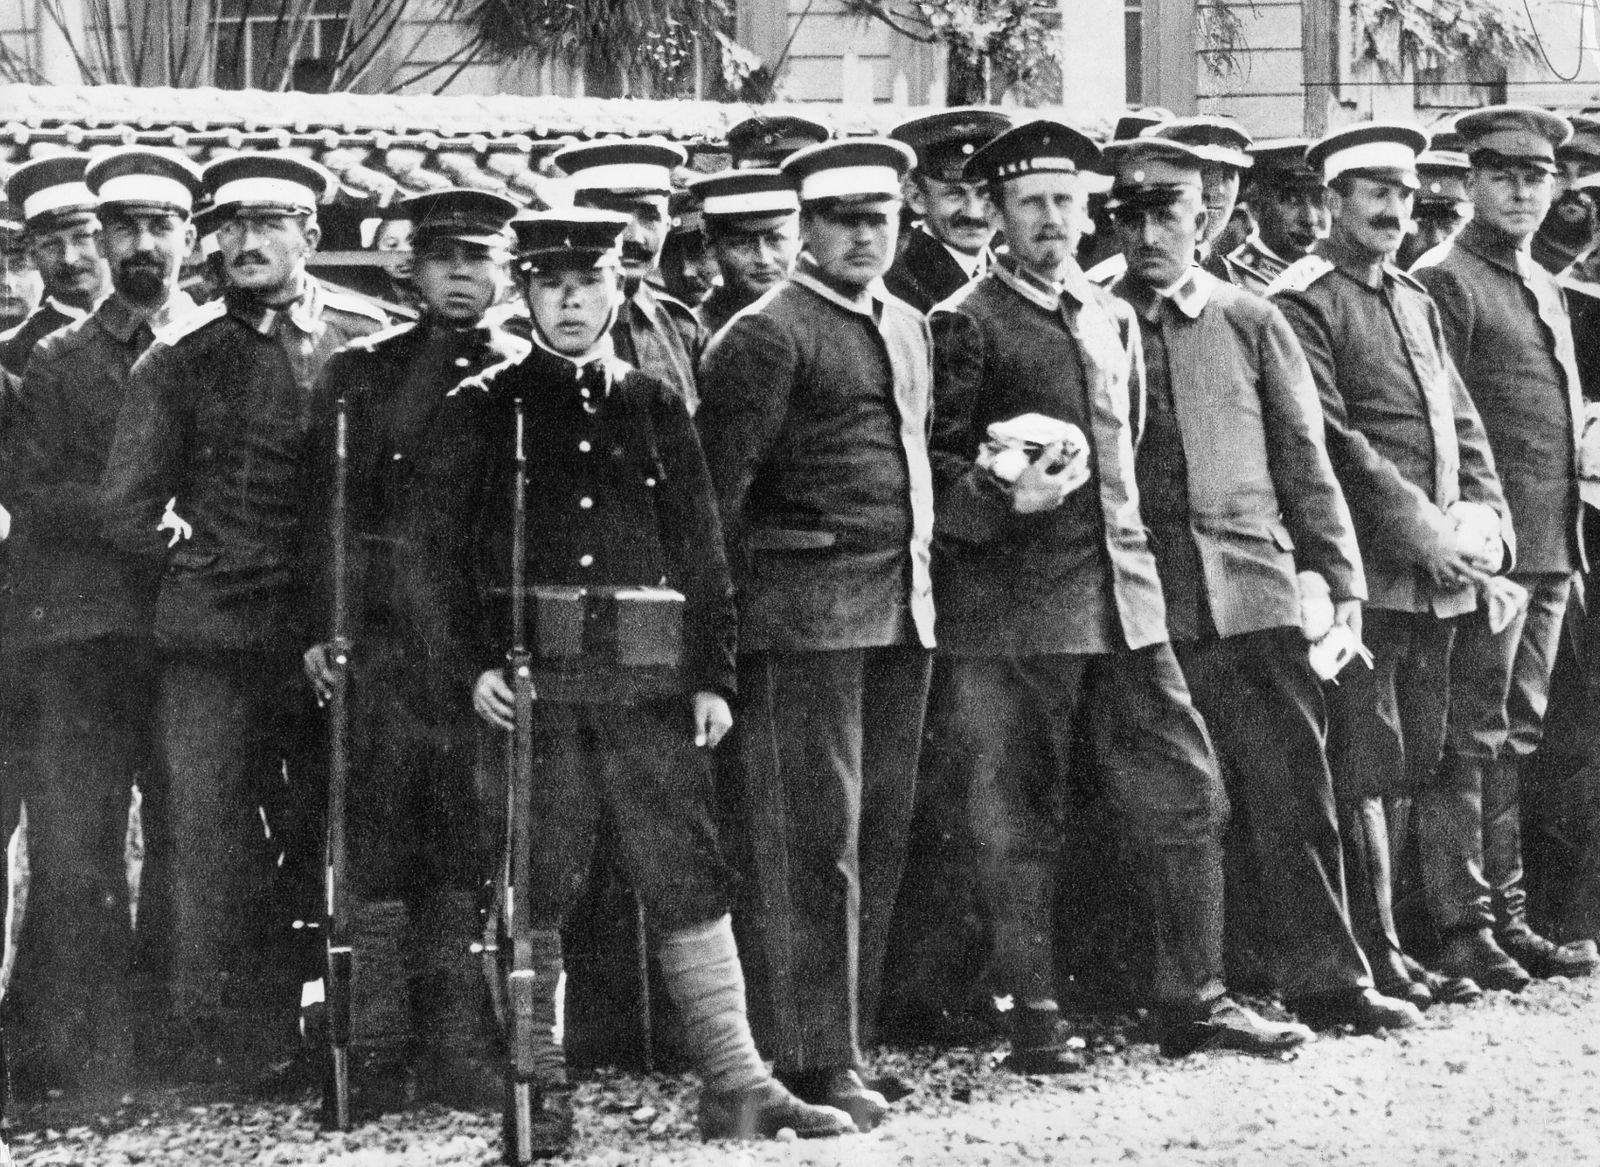 Deutsche Gefangene nach dem Angriff auf Tsingtau, 1914